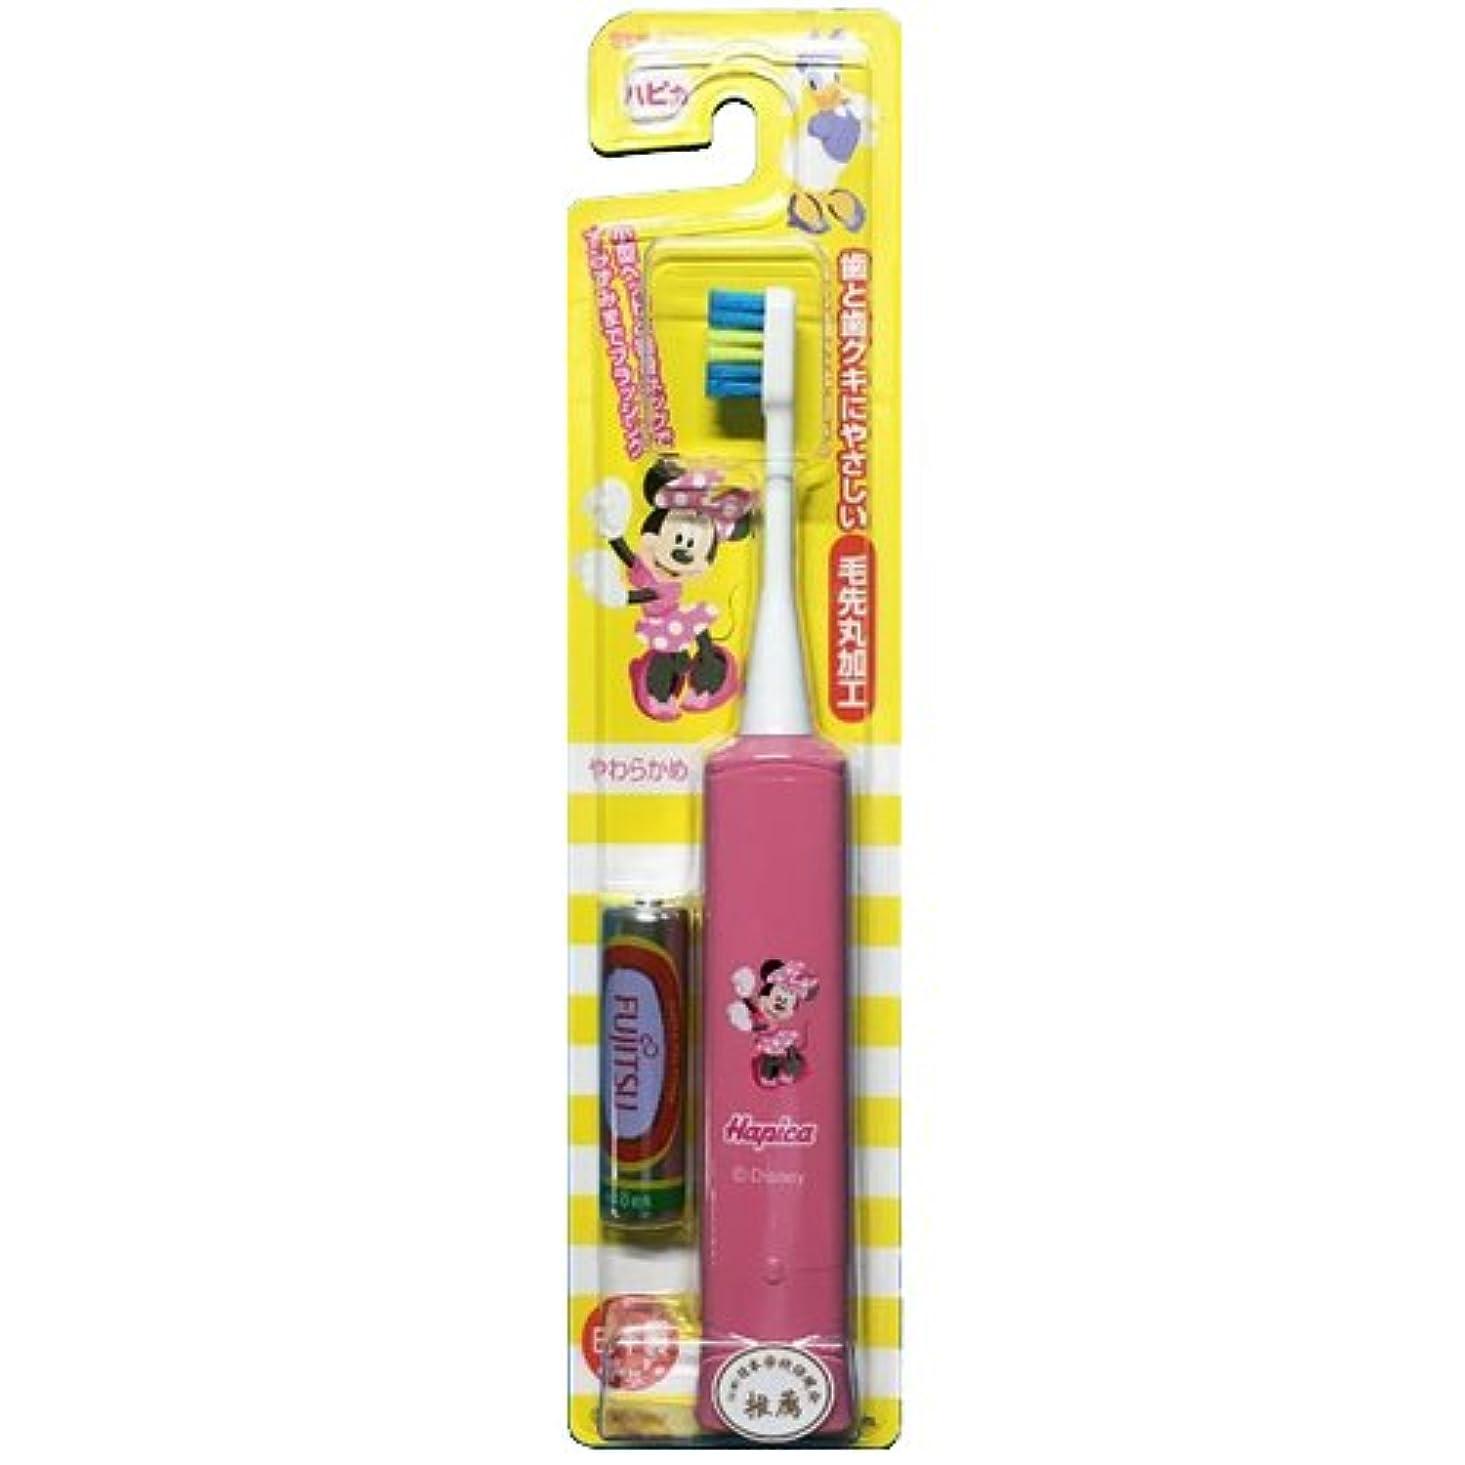 トレーダー作成する崩壊ミニマム 電動付歯ブラシ こどもハピカ ミニー(ピンク) 毛の硬さ:やわらかめ DBK-5P(MK)